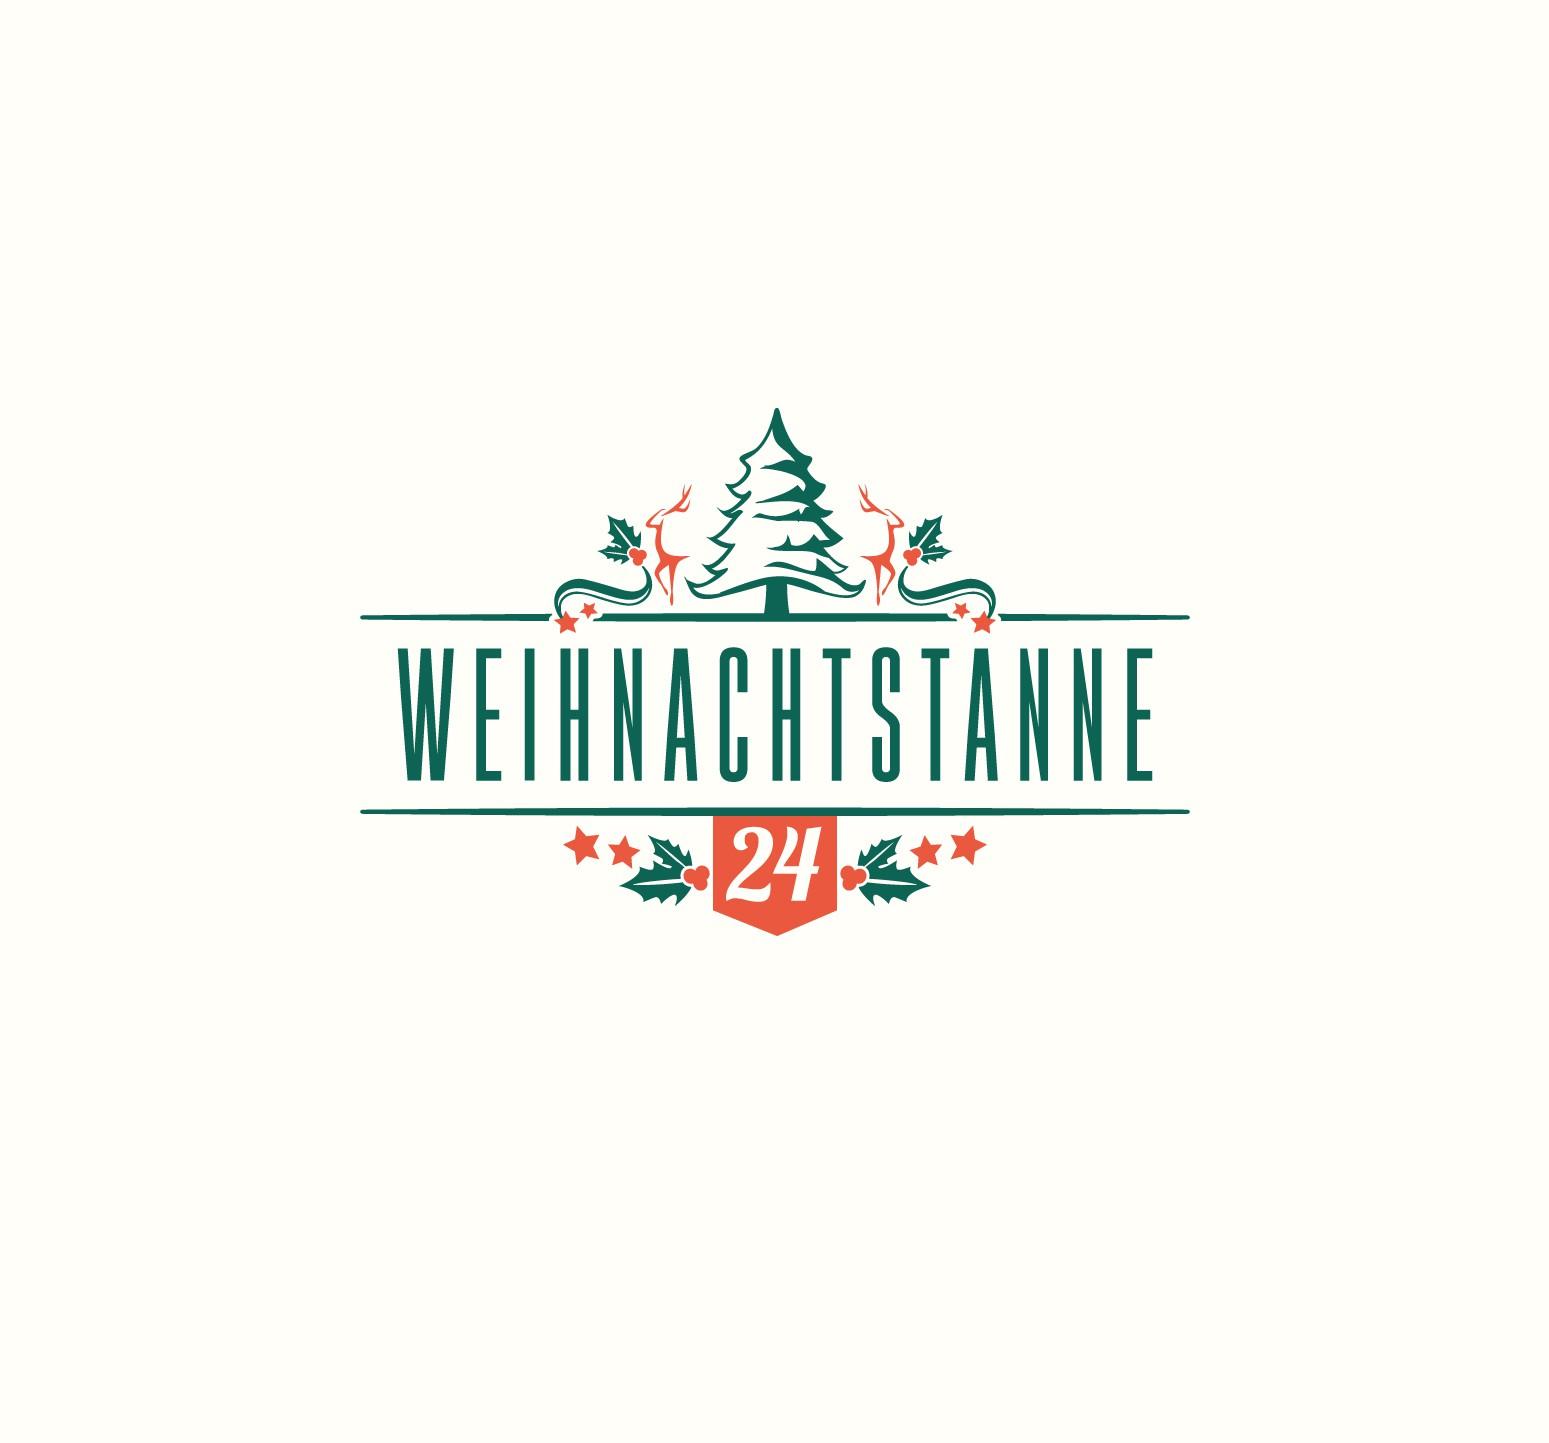 Erstellung eines Vintage Logos für einen Weihnachtsbaum Online Shop